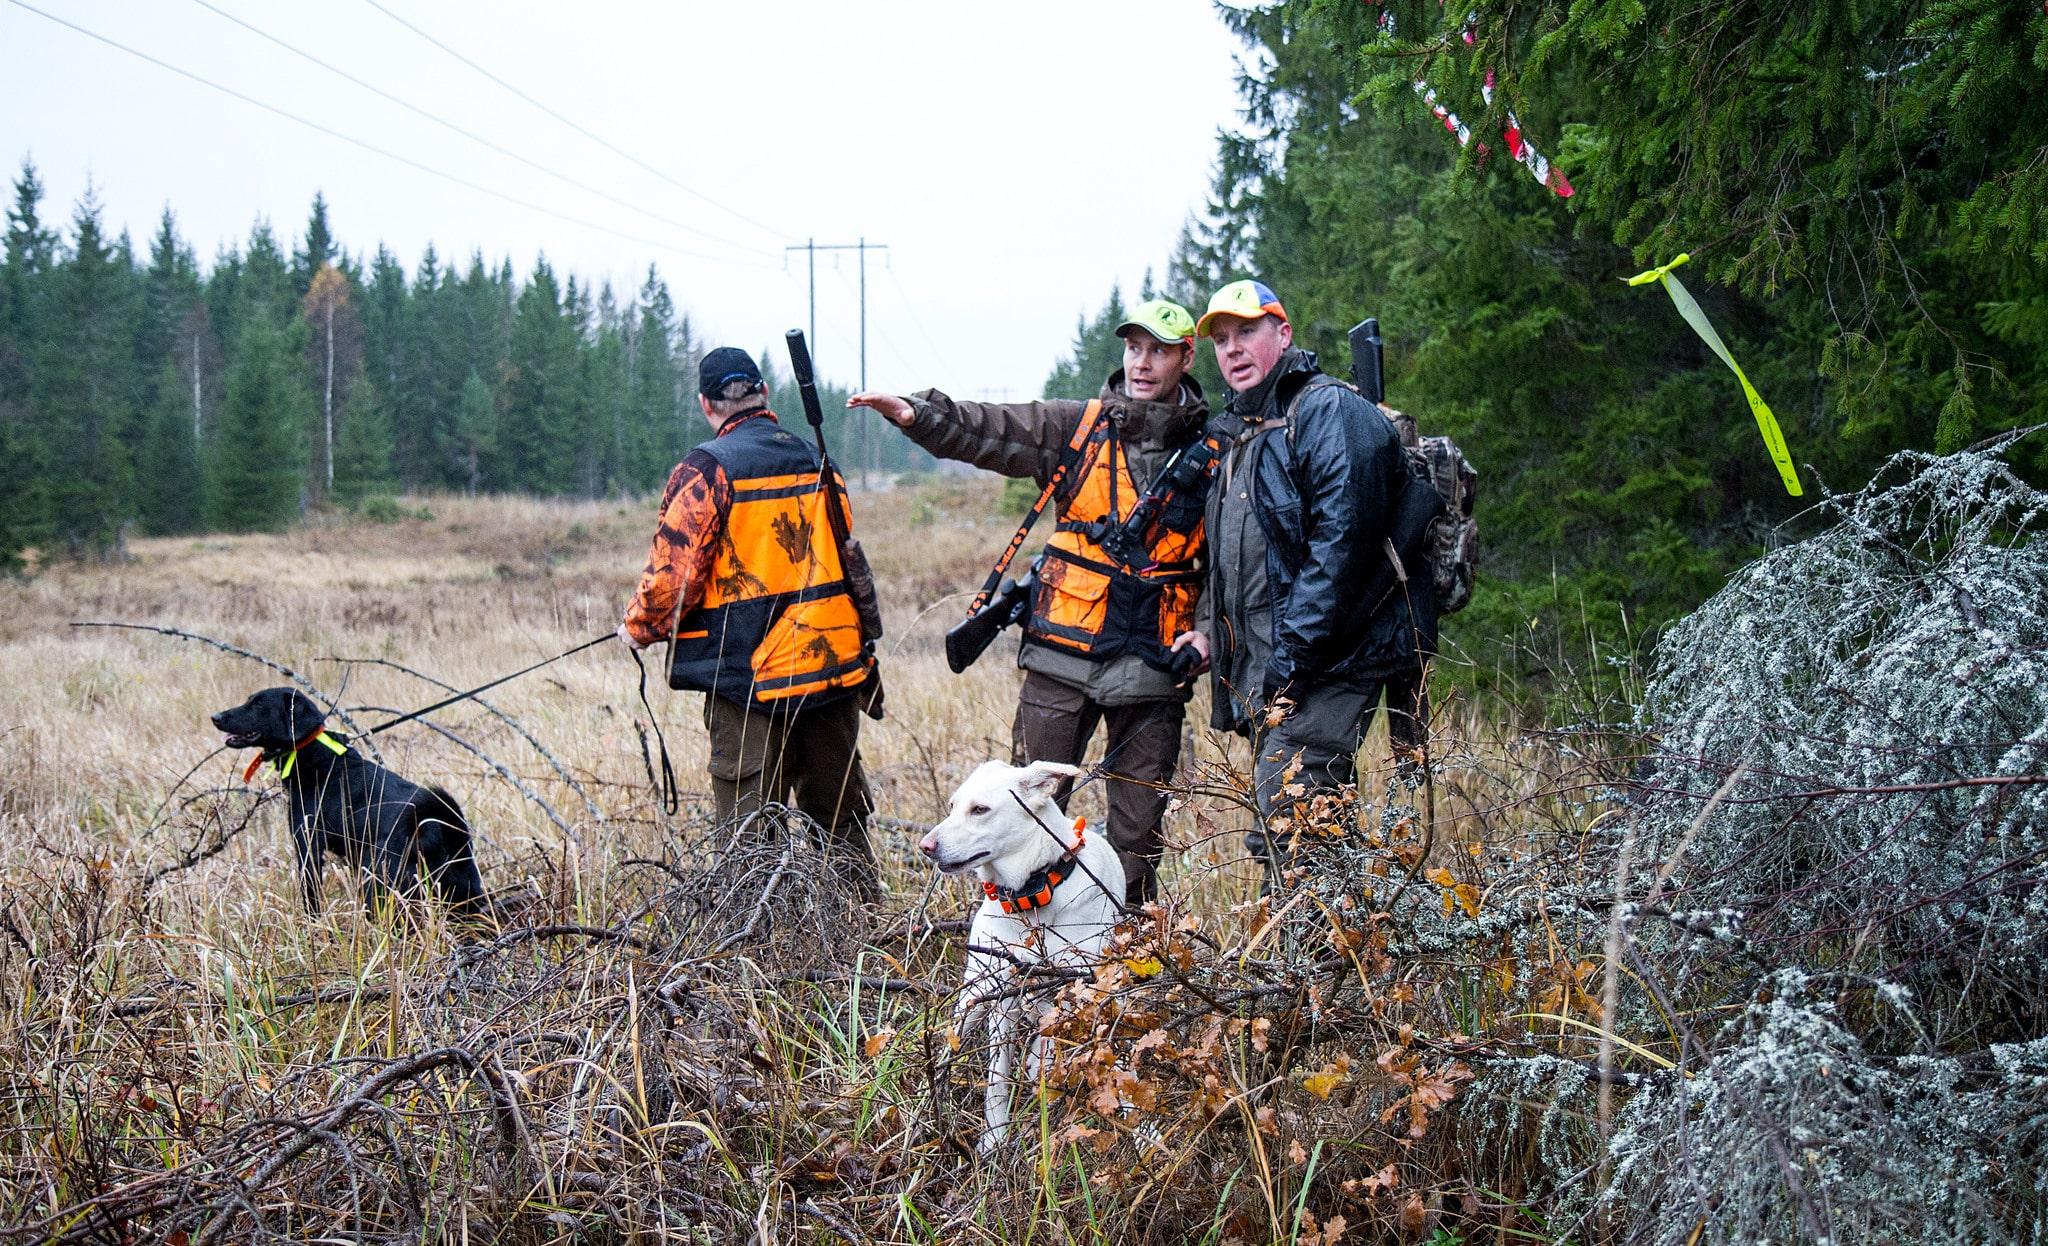 Jaktledaren måste föregå med gott exempel samt vara beredd att ingripa vid regelbrott.